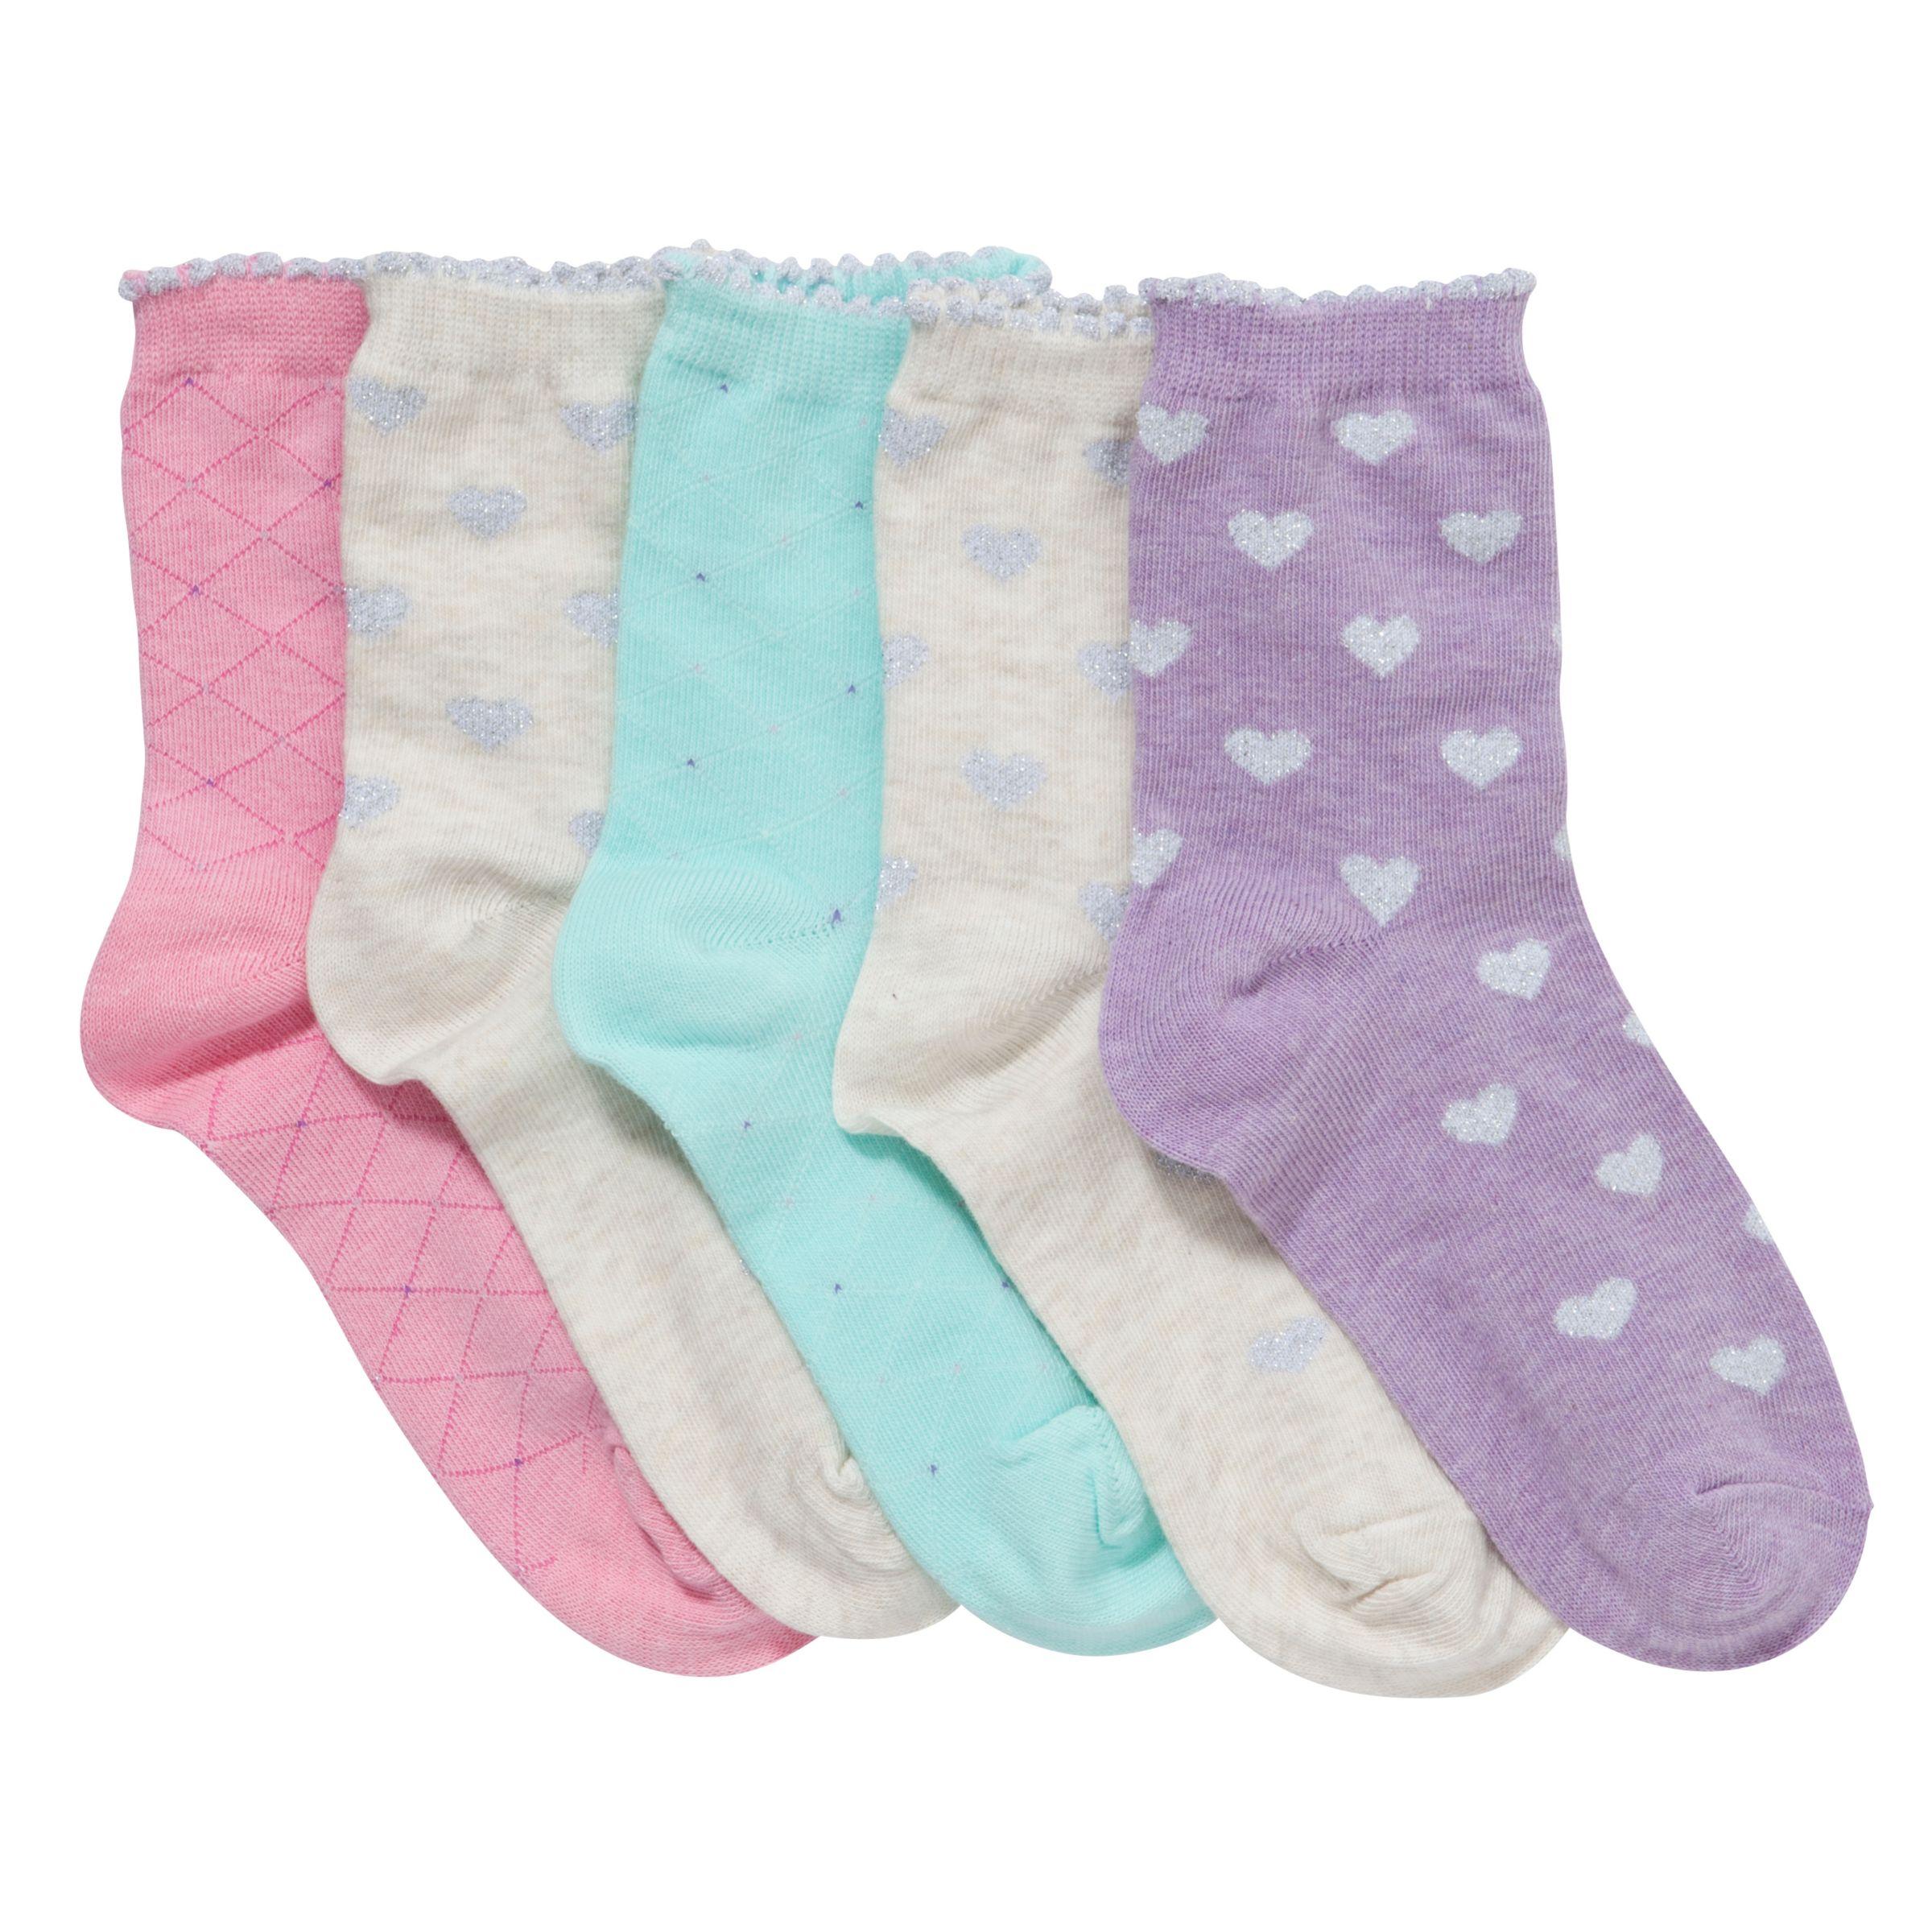 John Lewis Girl Textured Socks, Pack of 5, Multi